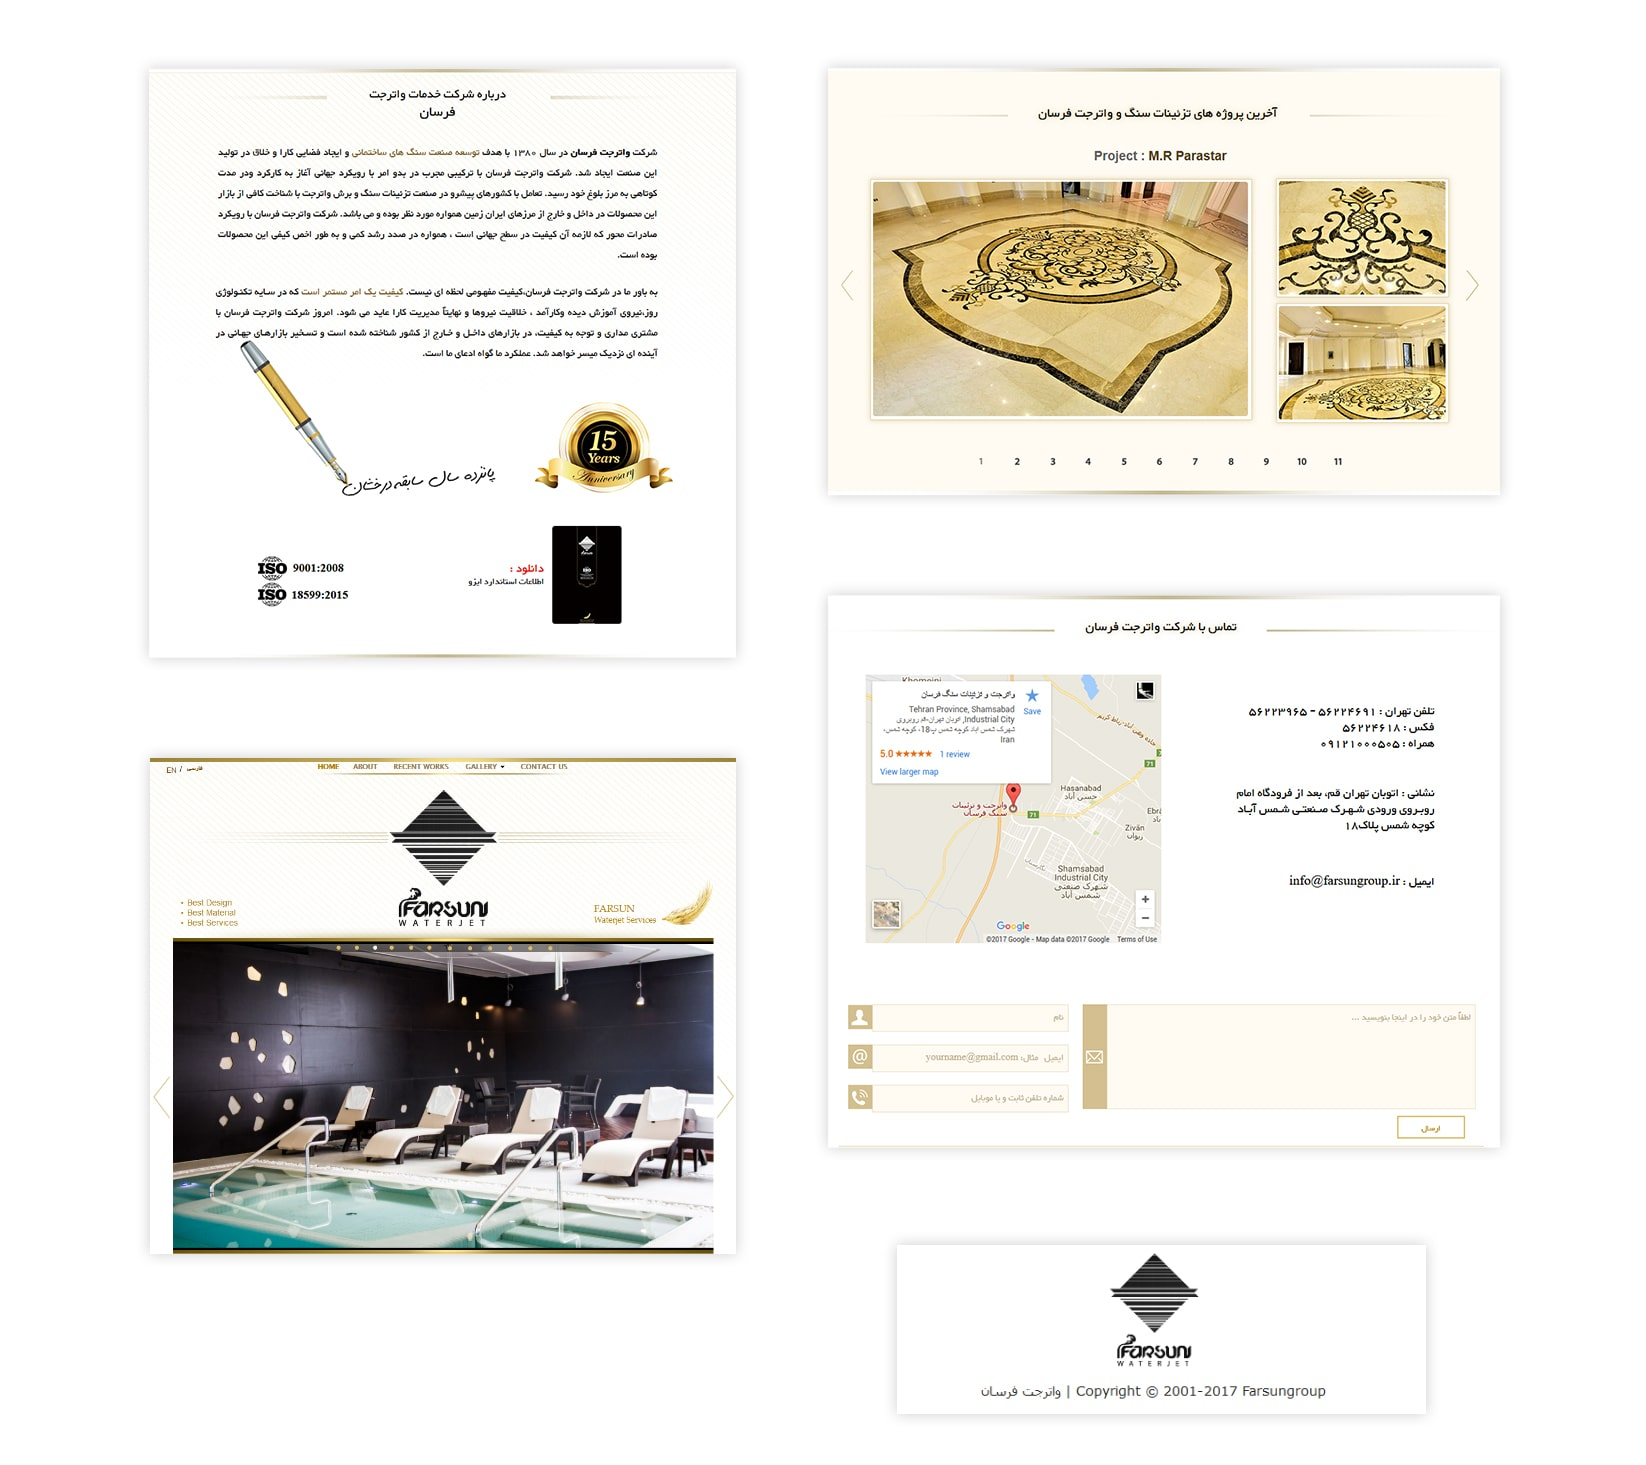 طراحی سایت دو زبانه واترجت فرسان - شرکت طراحی تبلیغاتی knegar